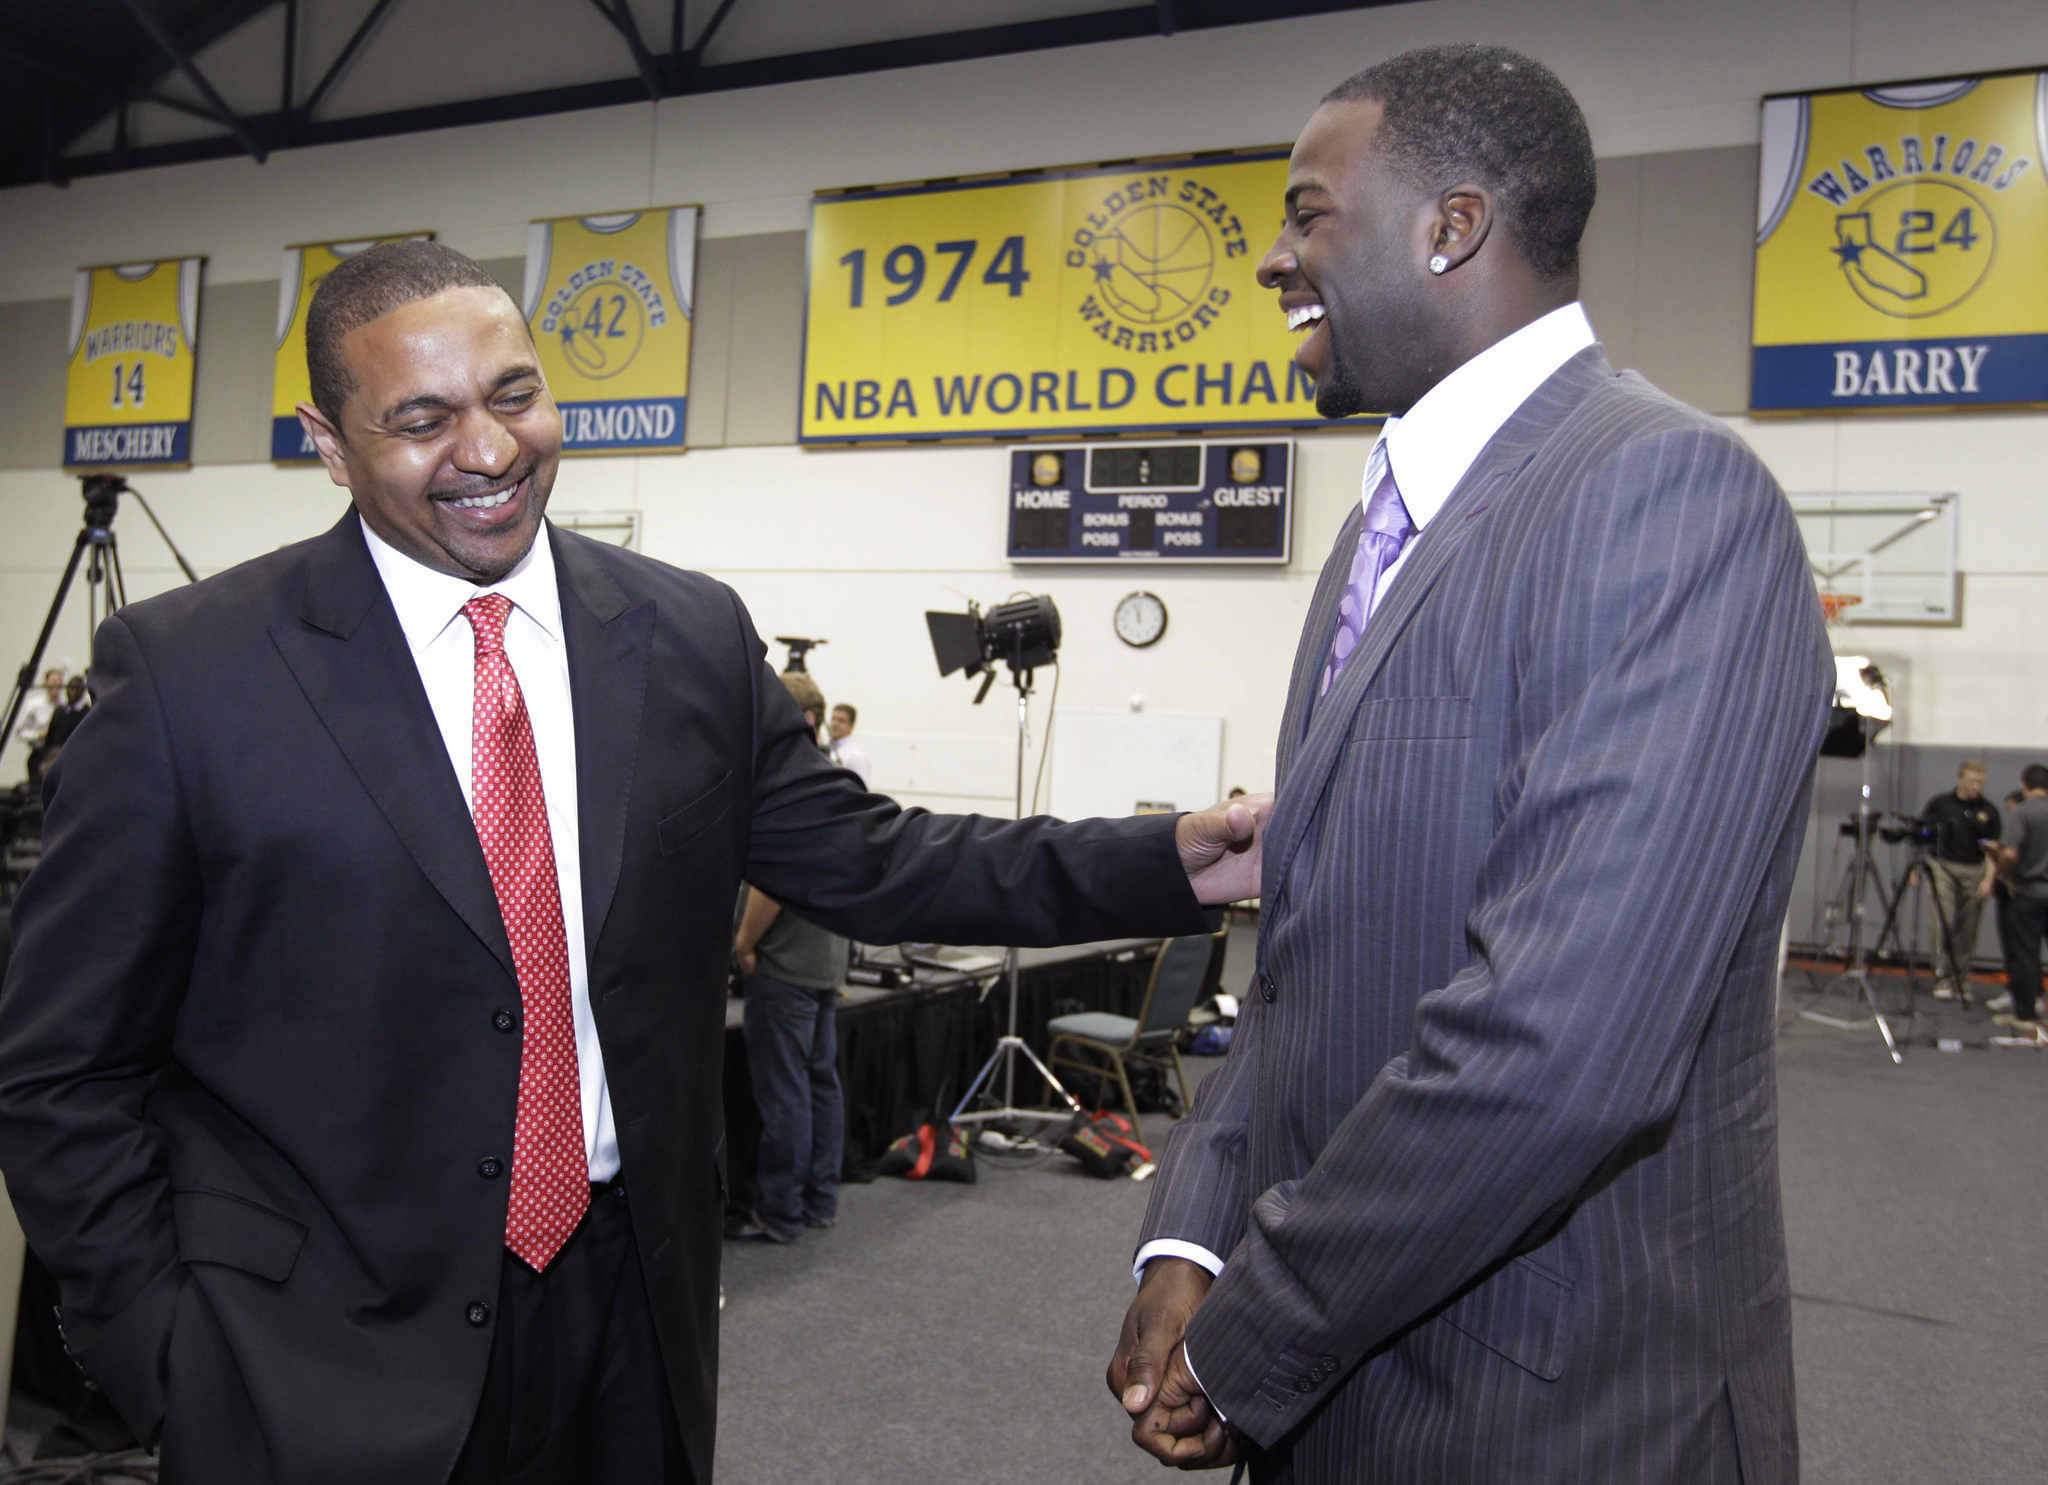 自命不凡!追夢談初入勇士趣事:還以為自己是救世主,是Mark Jackson激勵了我!-黑特籃球-NBA新聞影音圖片分享社區